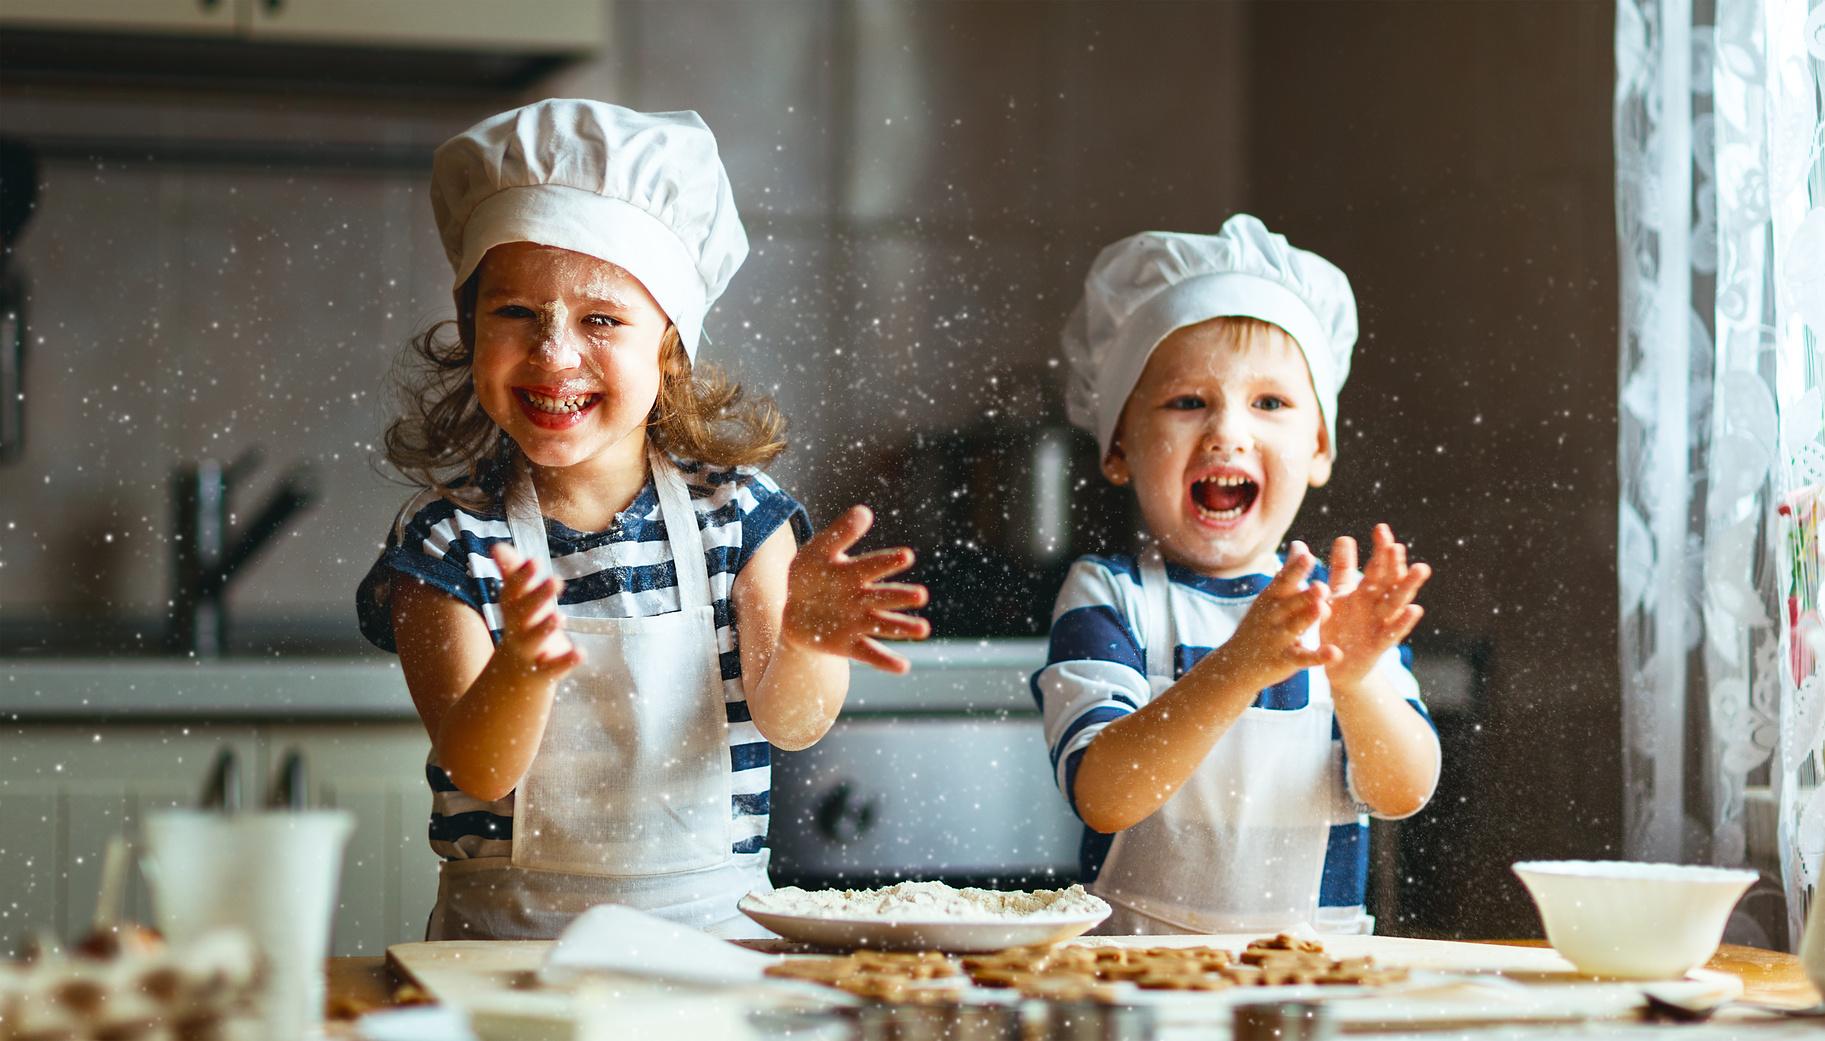 2 Kinder mit Backmützen in einer Küche backen Waffeln und freuen sich